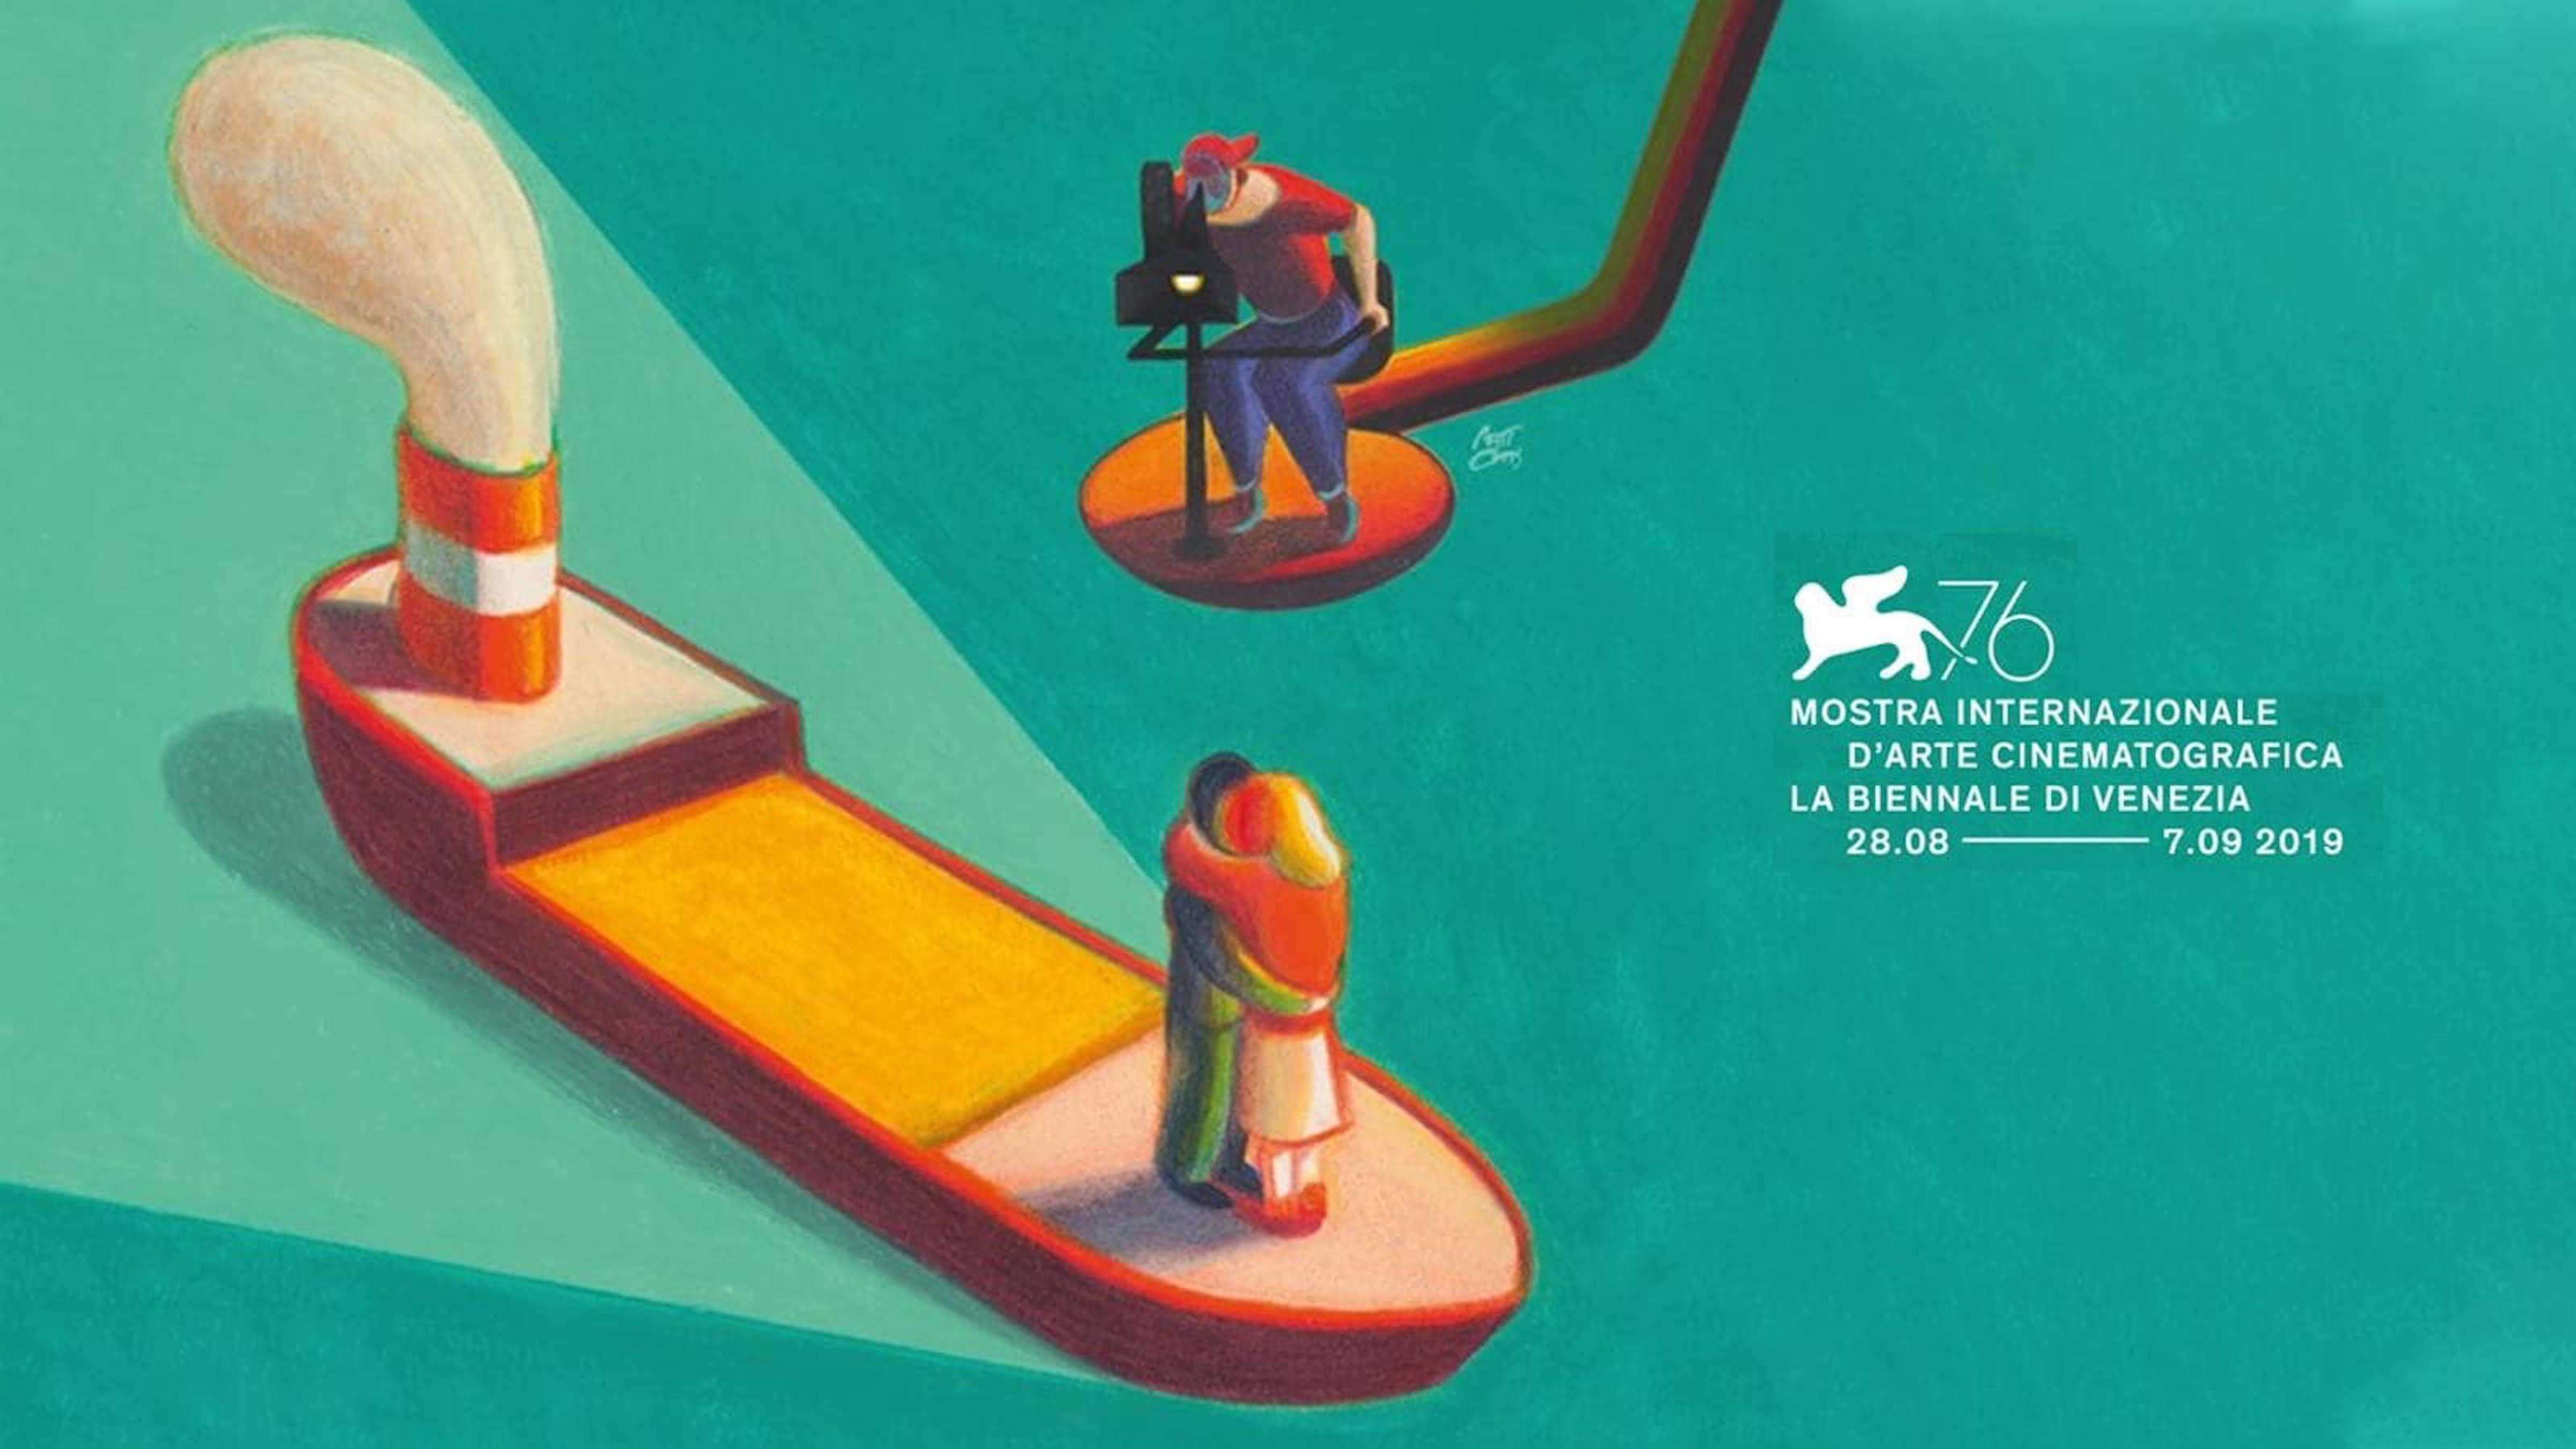 L'UNICEF Italia alla 76° Mostra Internazionale d'Arte Cinematografica di Venezia